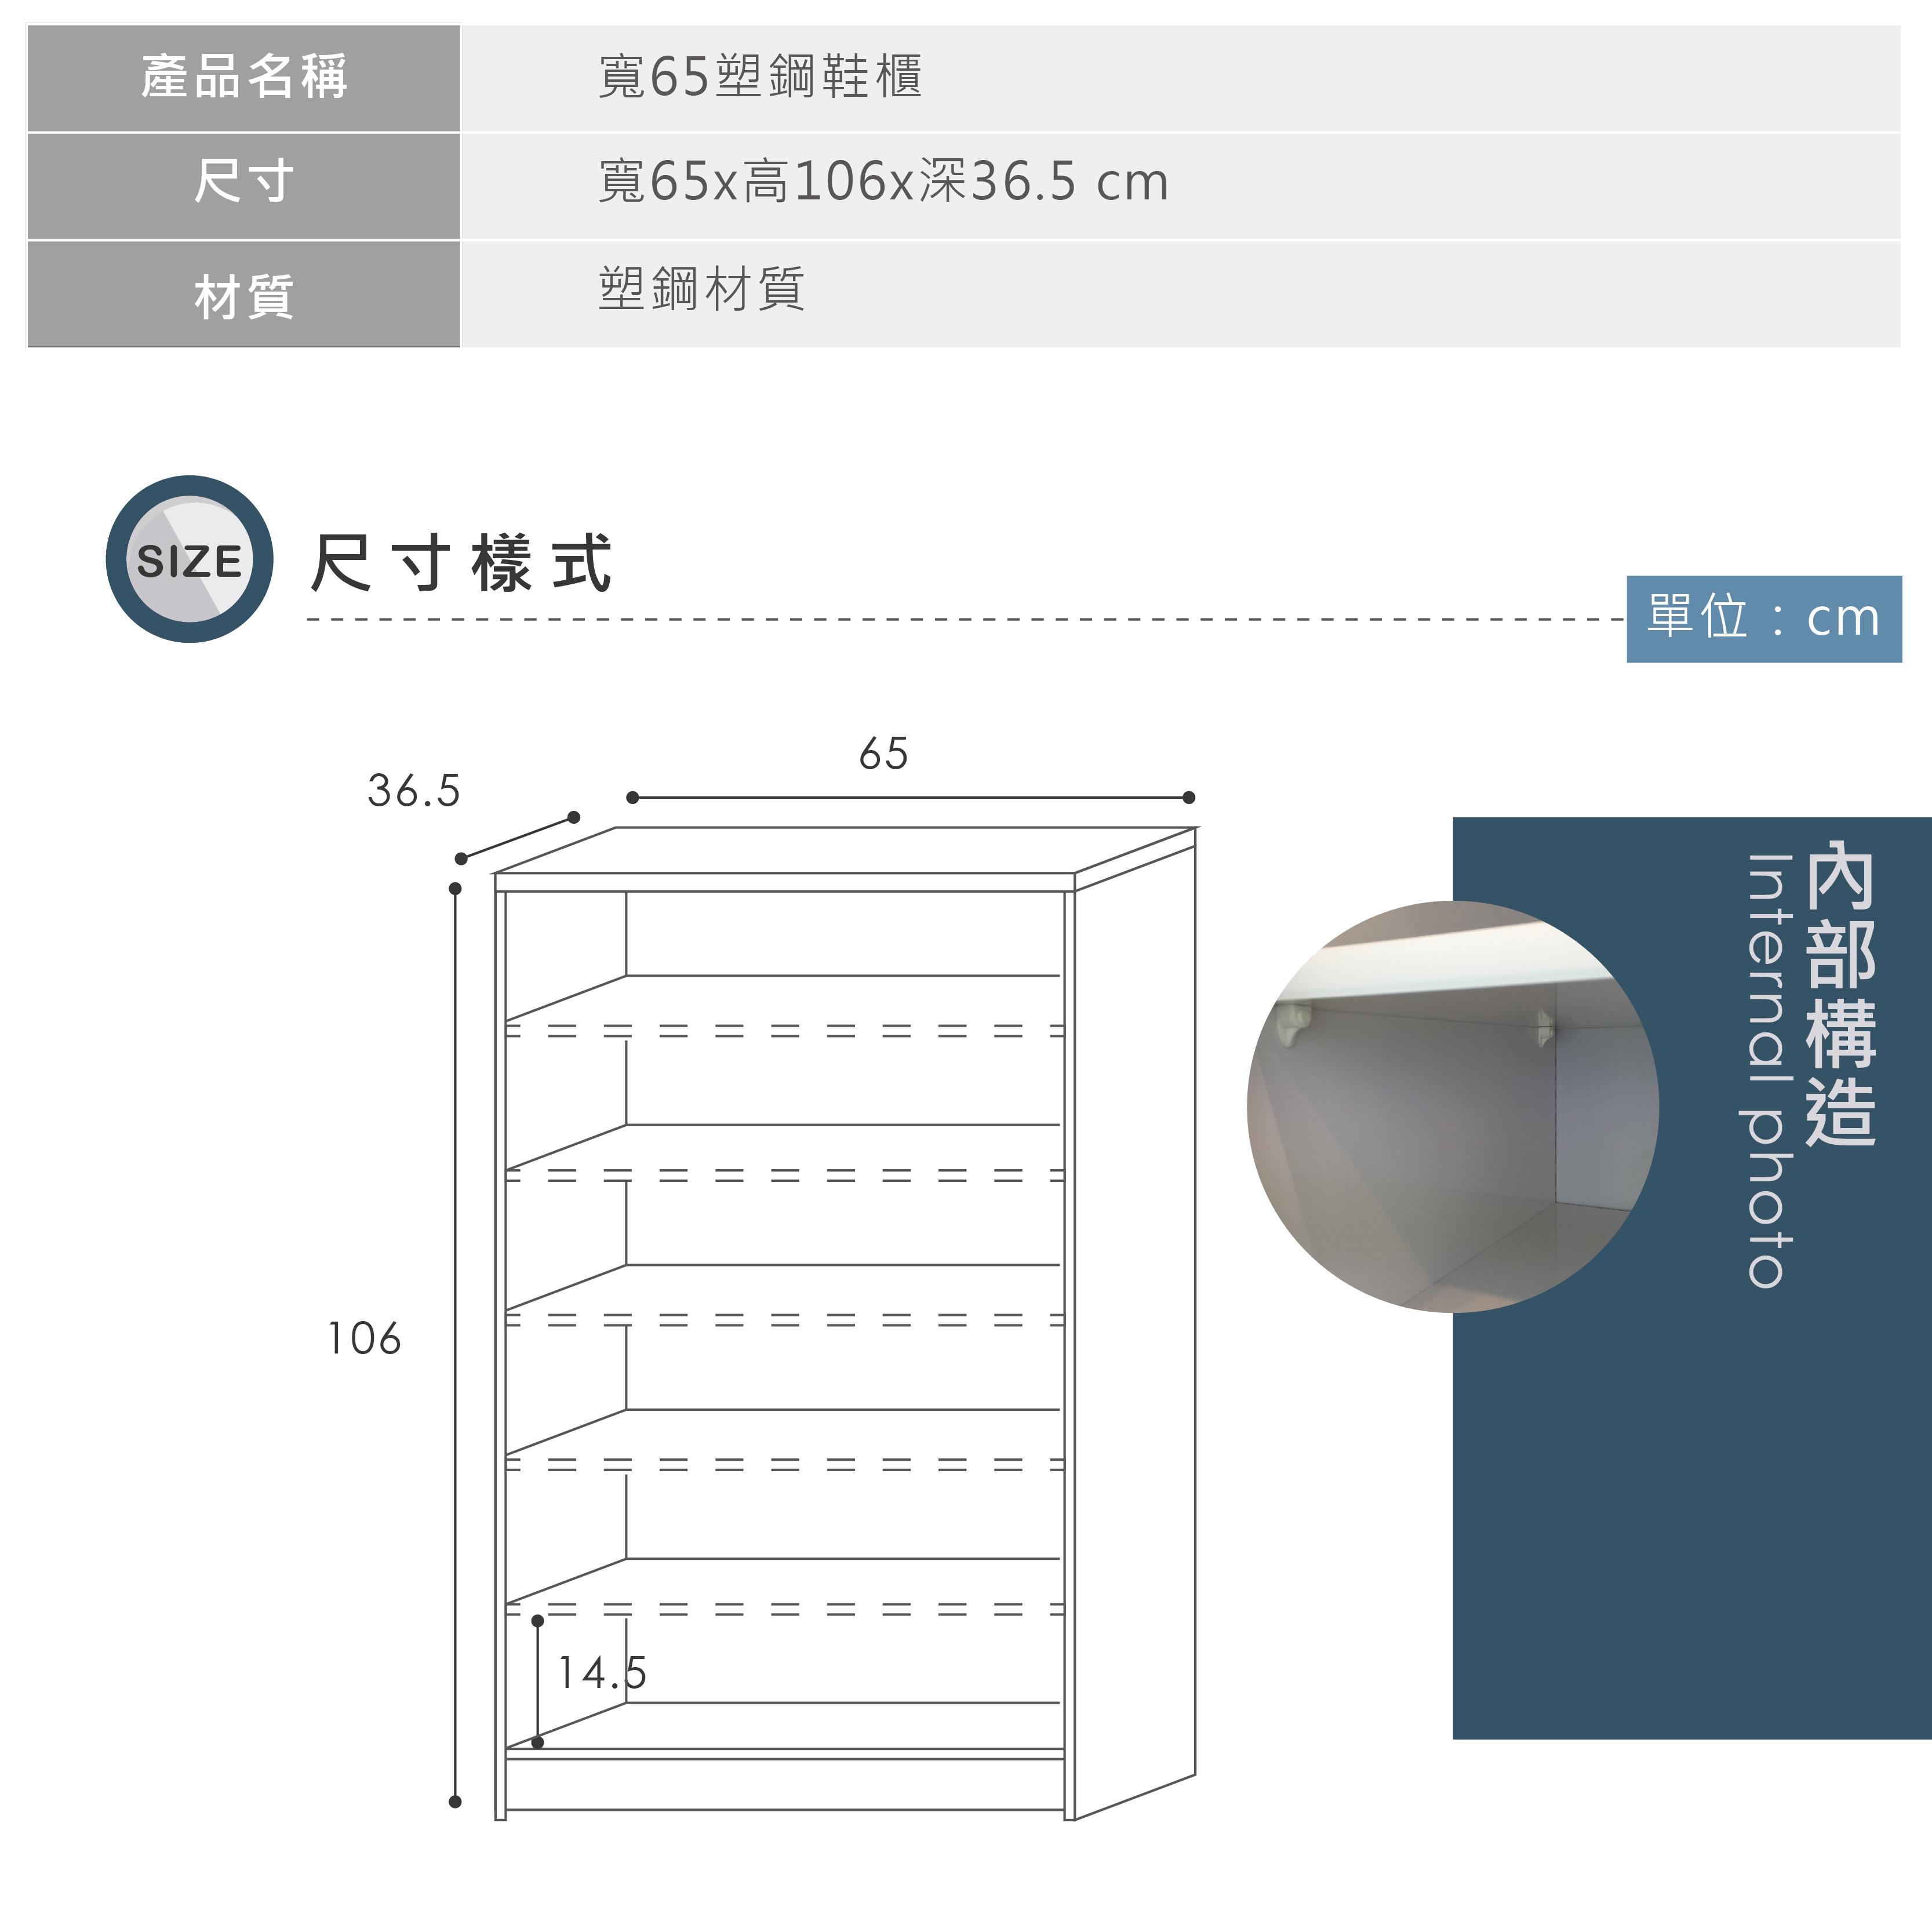 尺寸_工作區域 3 複本 6.jpg